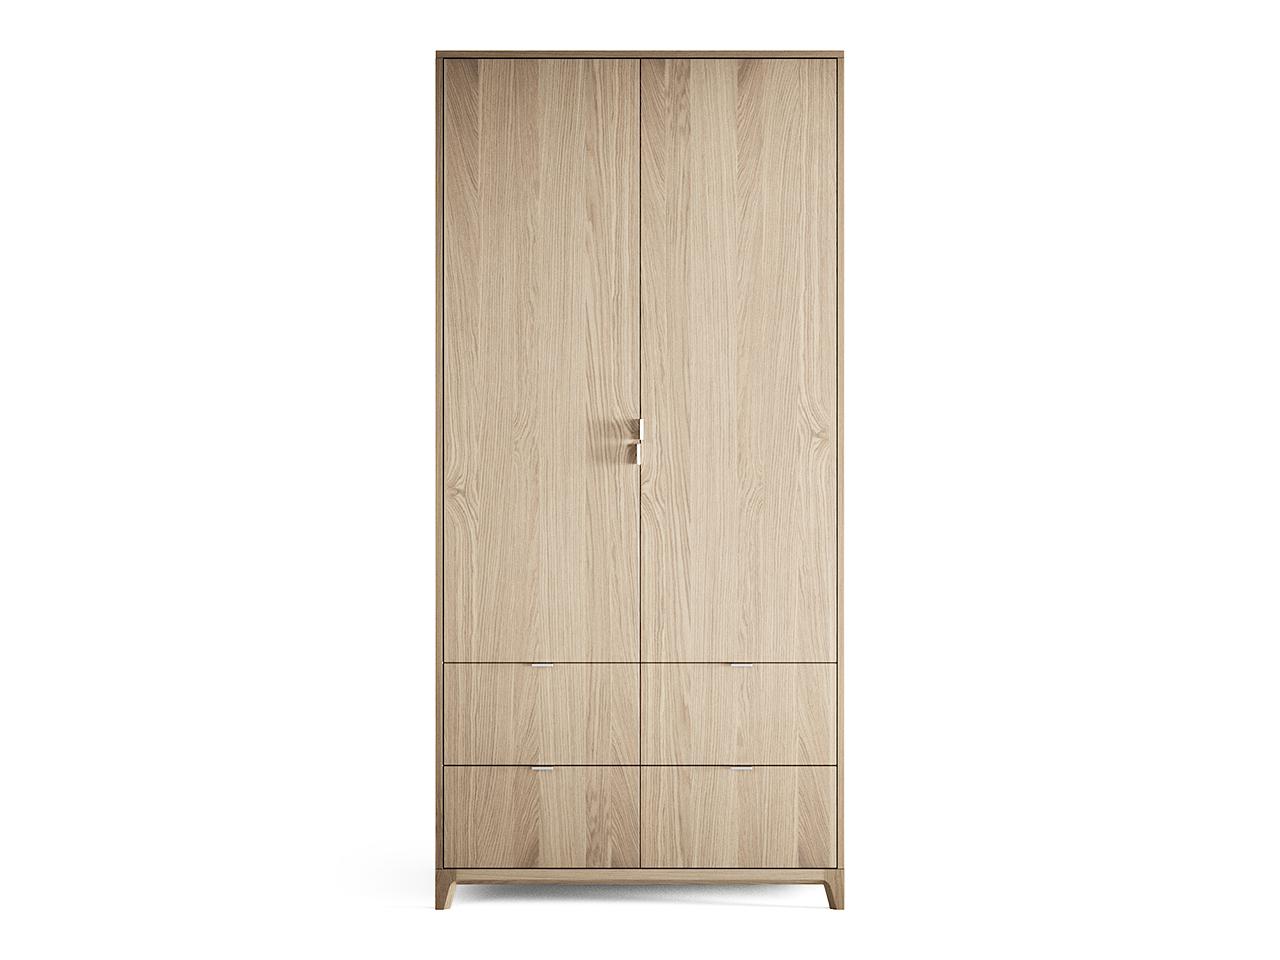 Шкаф Case №4 (осветленный)Платяные шкафы<br>Компактный шкаф CASE №4 сочетает в себе продуманную структуру и современный дизайн впишется даже в самое небольшое уютное помещение.В новом варианте предлагаются ящики с внешними фасадами, а также обновленное наполнение шкафов. Внутри комфортно расположены полки и штанги для вешалок, сплошная перфорация позволяет устанавливать полки в удобном положении.&amp;lt;div&amp;gt;&amp;lt;br&amp;gt;&amp;lt;/div&amp;gt;&amp;lt;div&amp;gt;Материал: массив дуба, МДФ, ДСП, эмаль, лак&amp;lt;br&amp;gt;&amp;lt;/div&amp;gt;<br><br>Material: Дуб<br>Ширина см: 100.0<br>Высота см: 210.0<br>Глубина см: 60.0